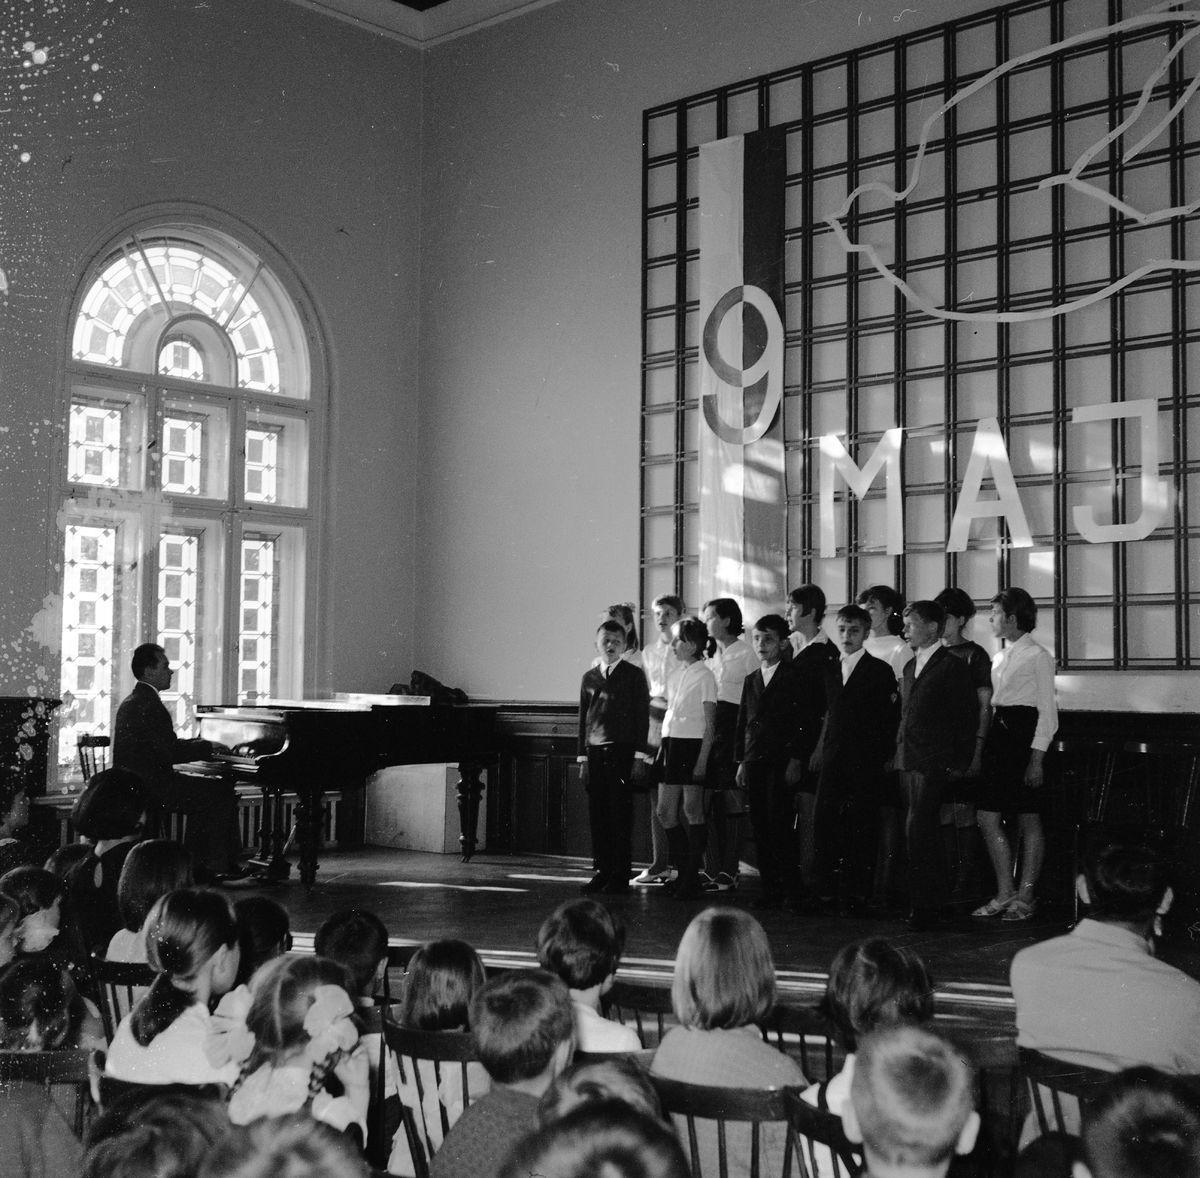 Występ uczniów szkoły muzycznej, 1967 r.